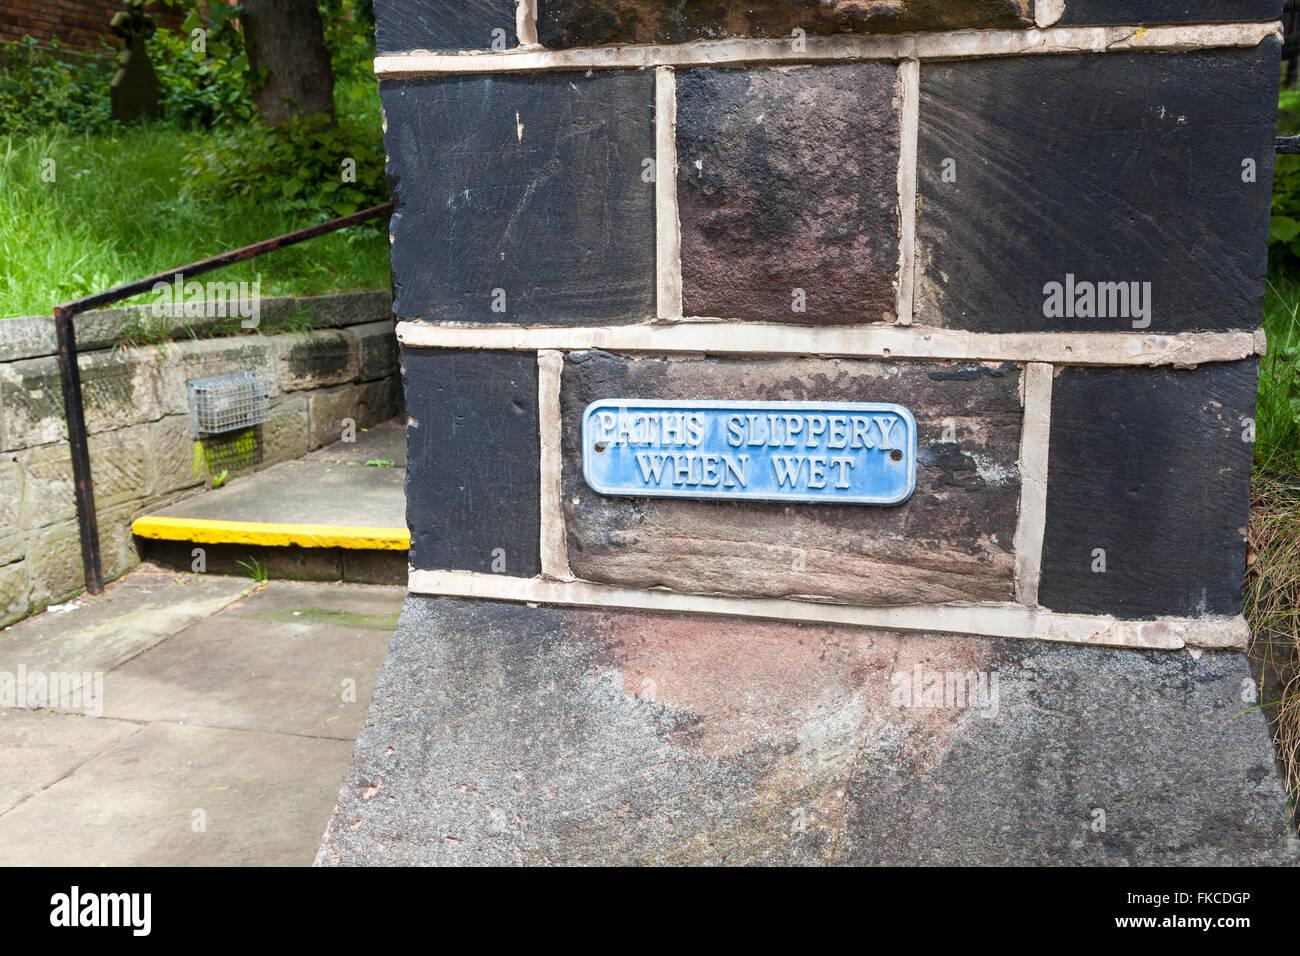 Un cartel junto a una ruta de acceso y los pasos señalando caminos slippery when wet Imagen De Stock